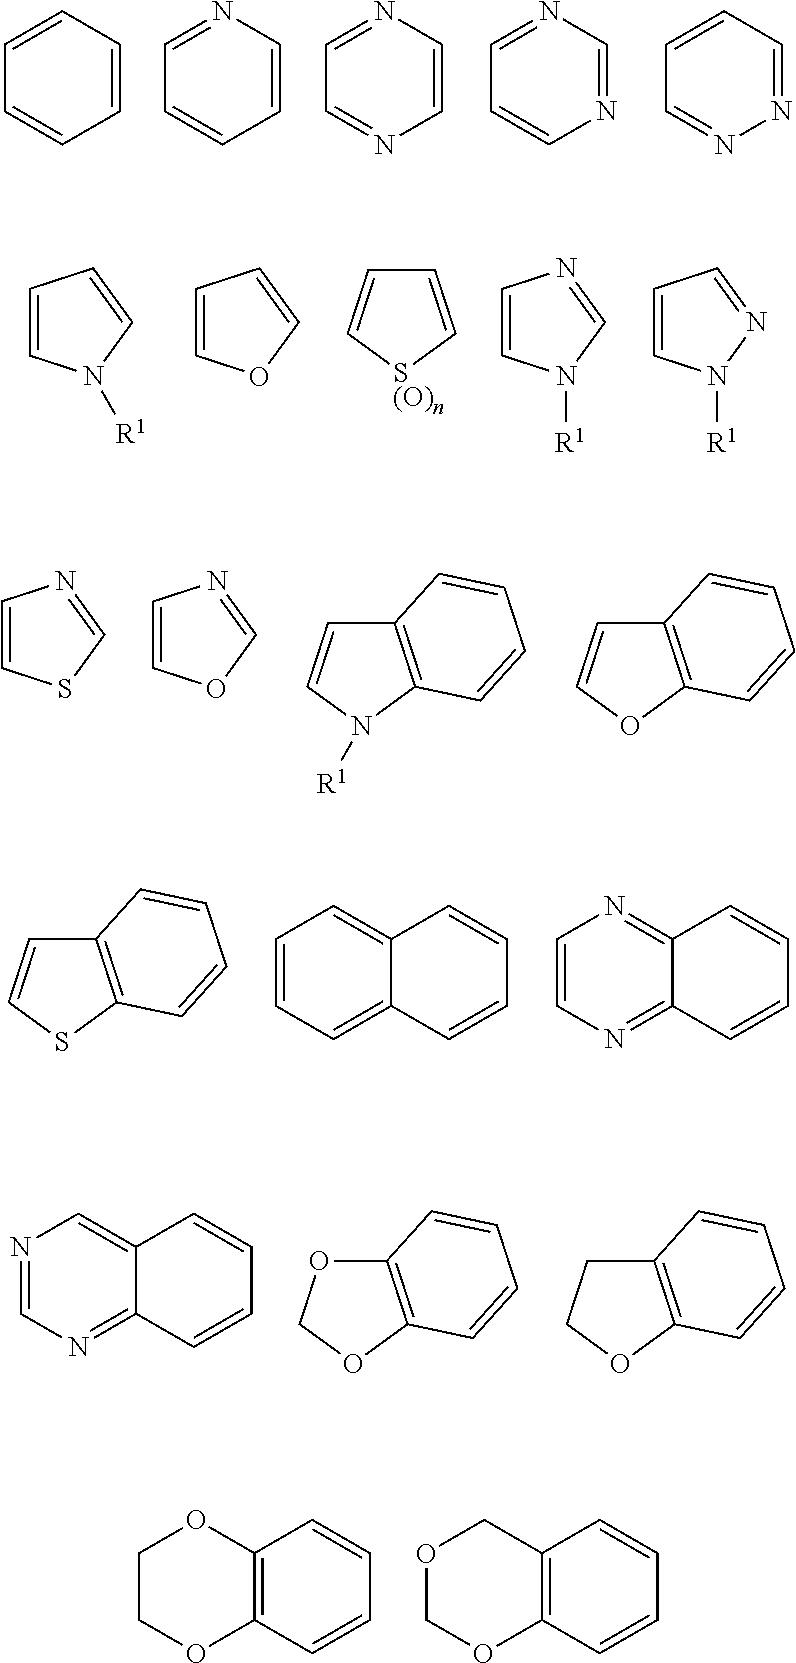 Figure US09475801-20161025-C00006